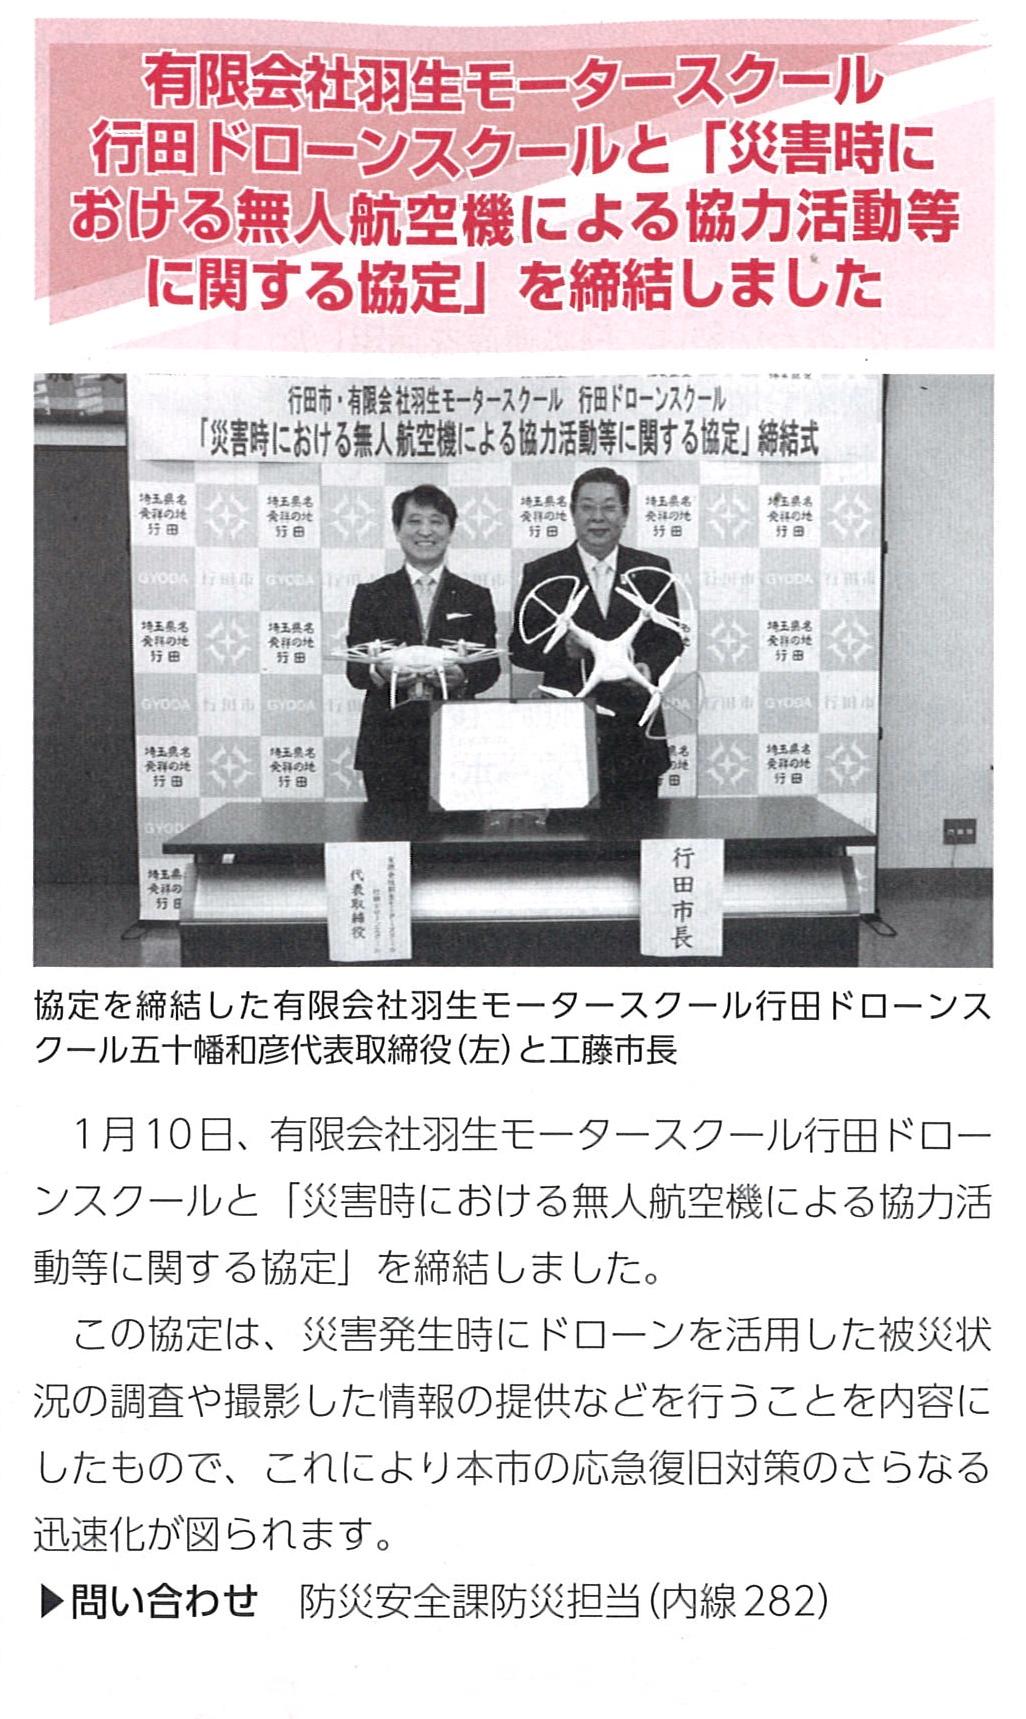 行田市報災害協定記事(201902)